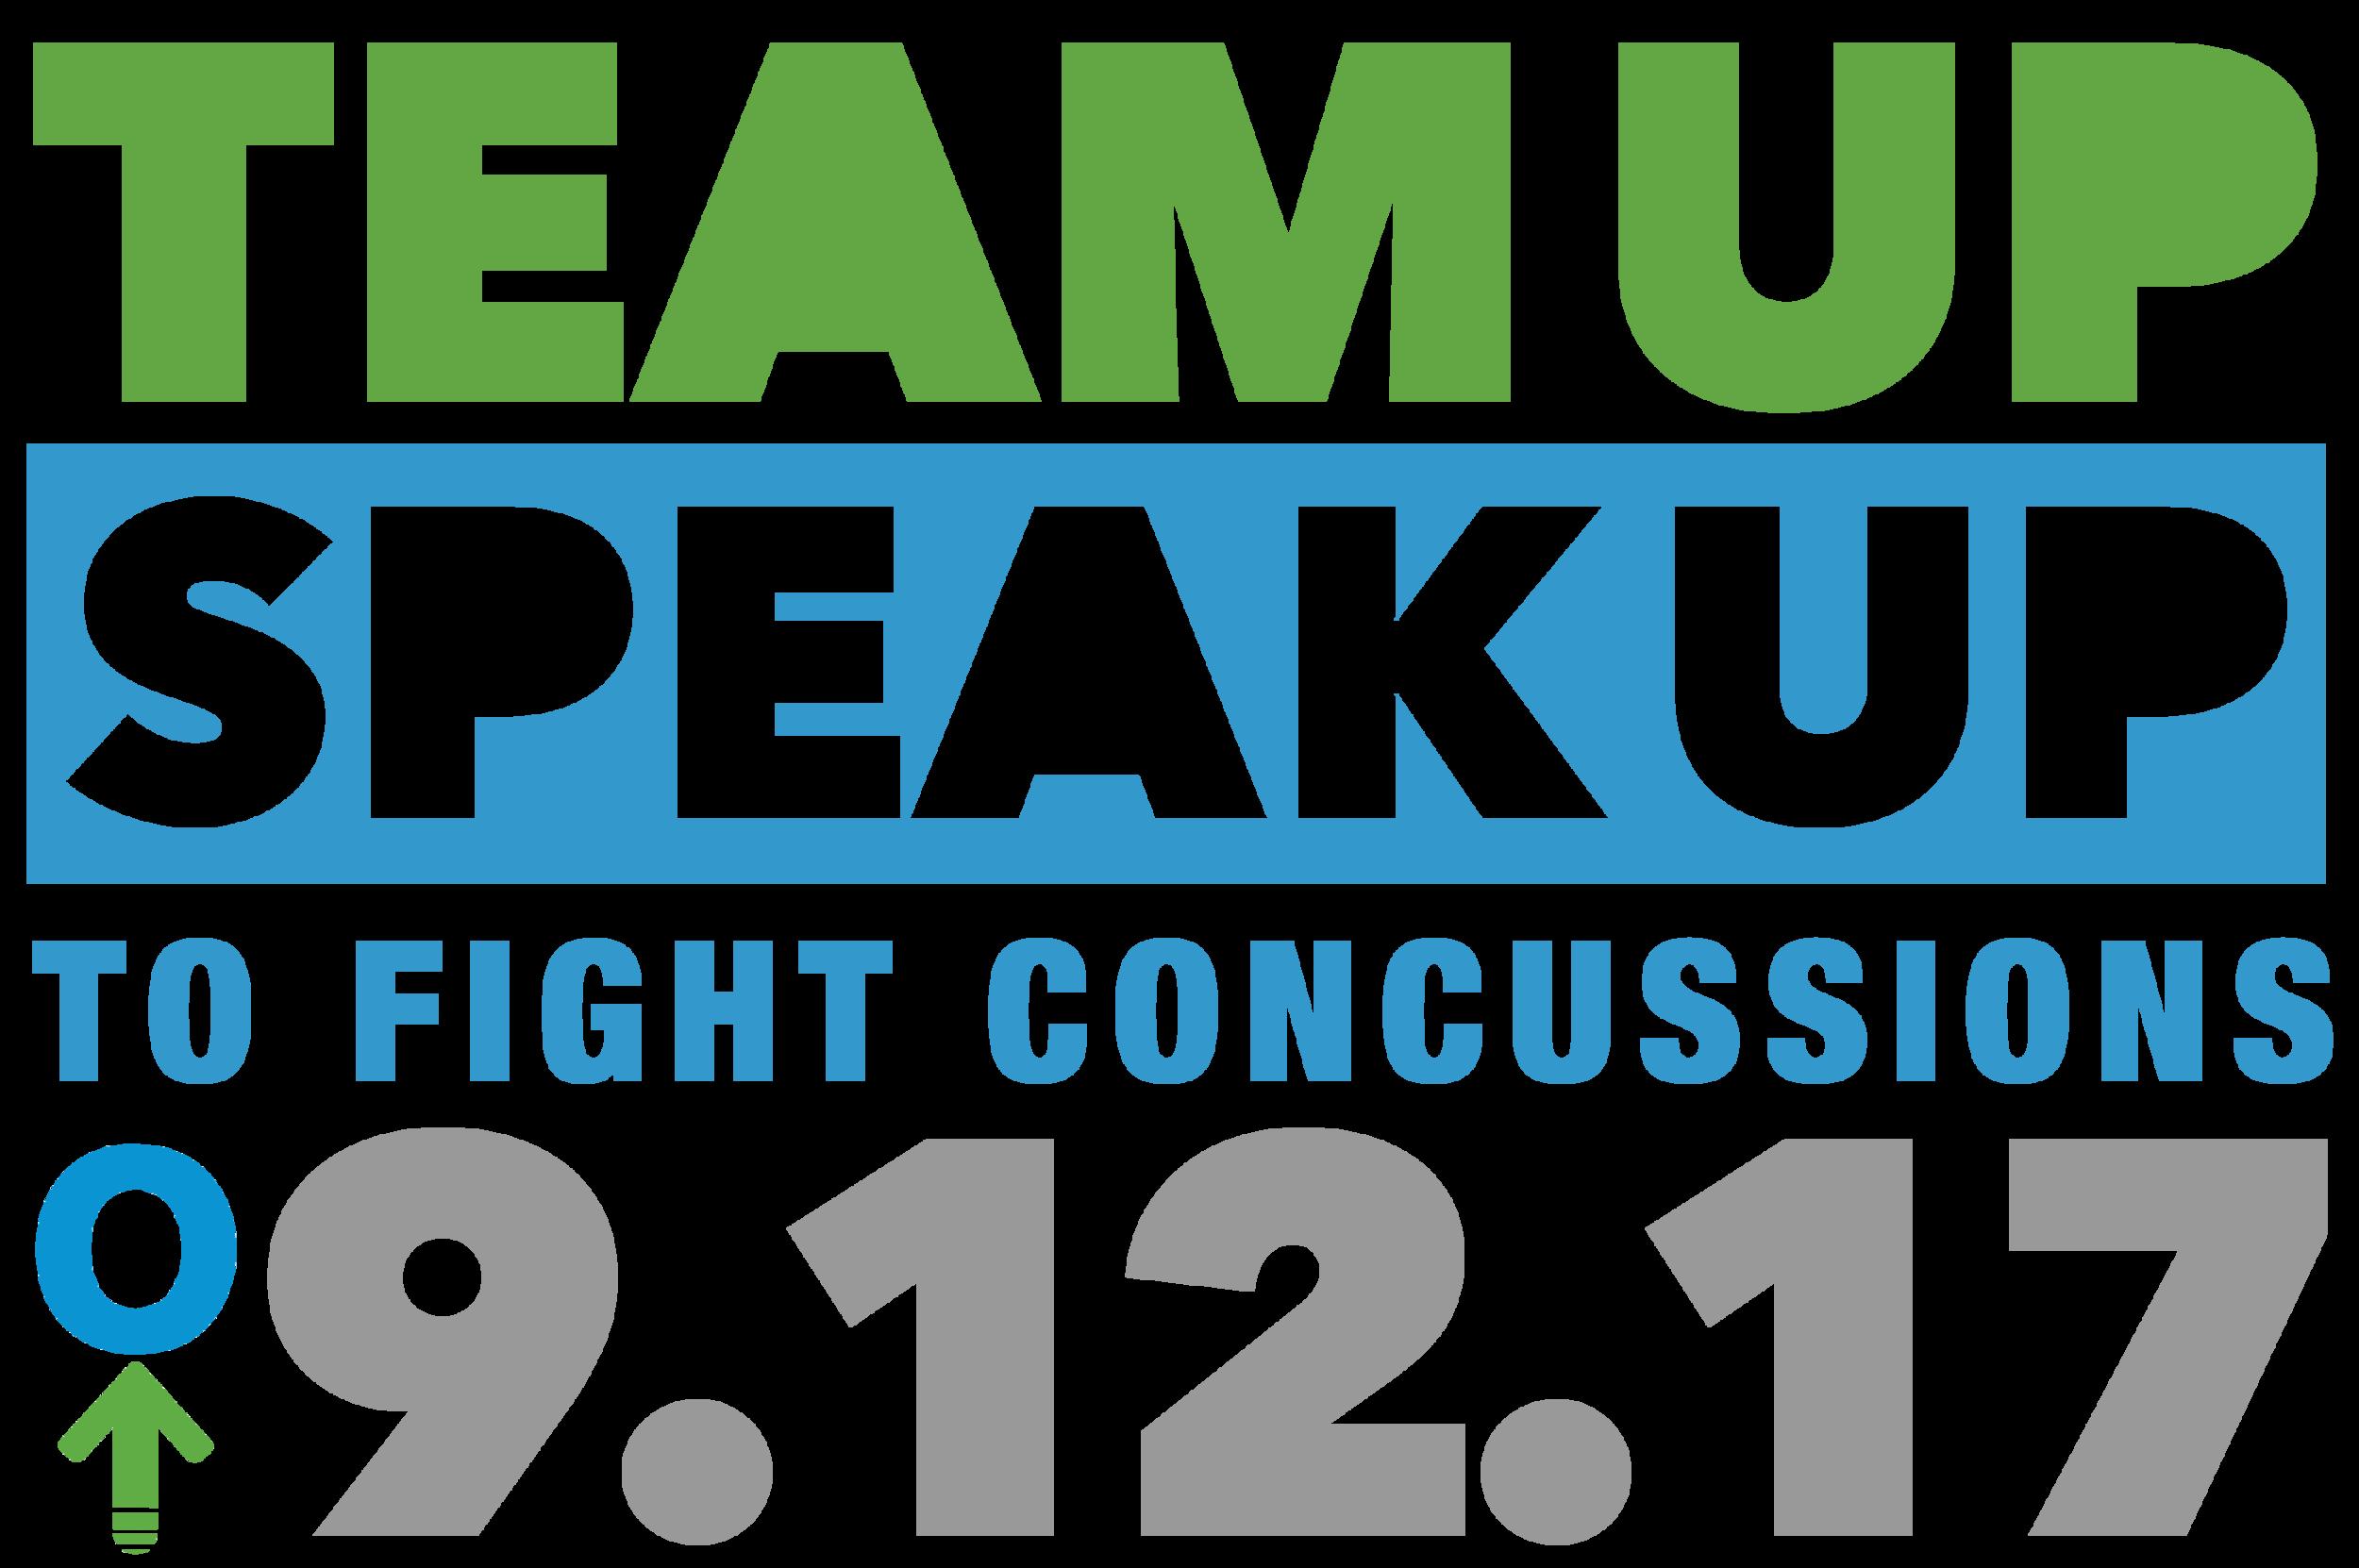 TeamUpSpeakUp 9.12.2017-01.png